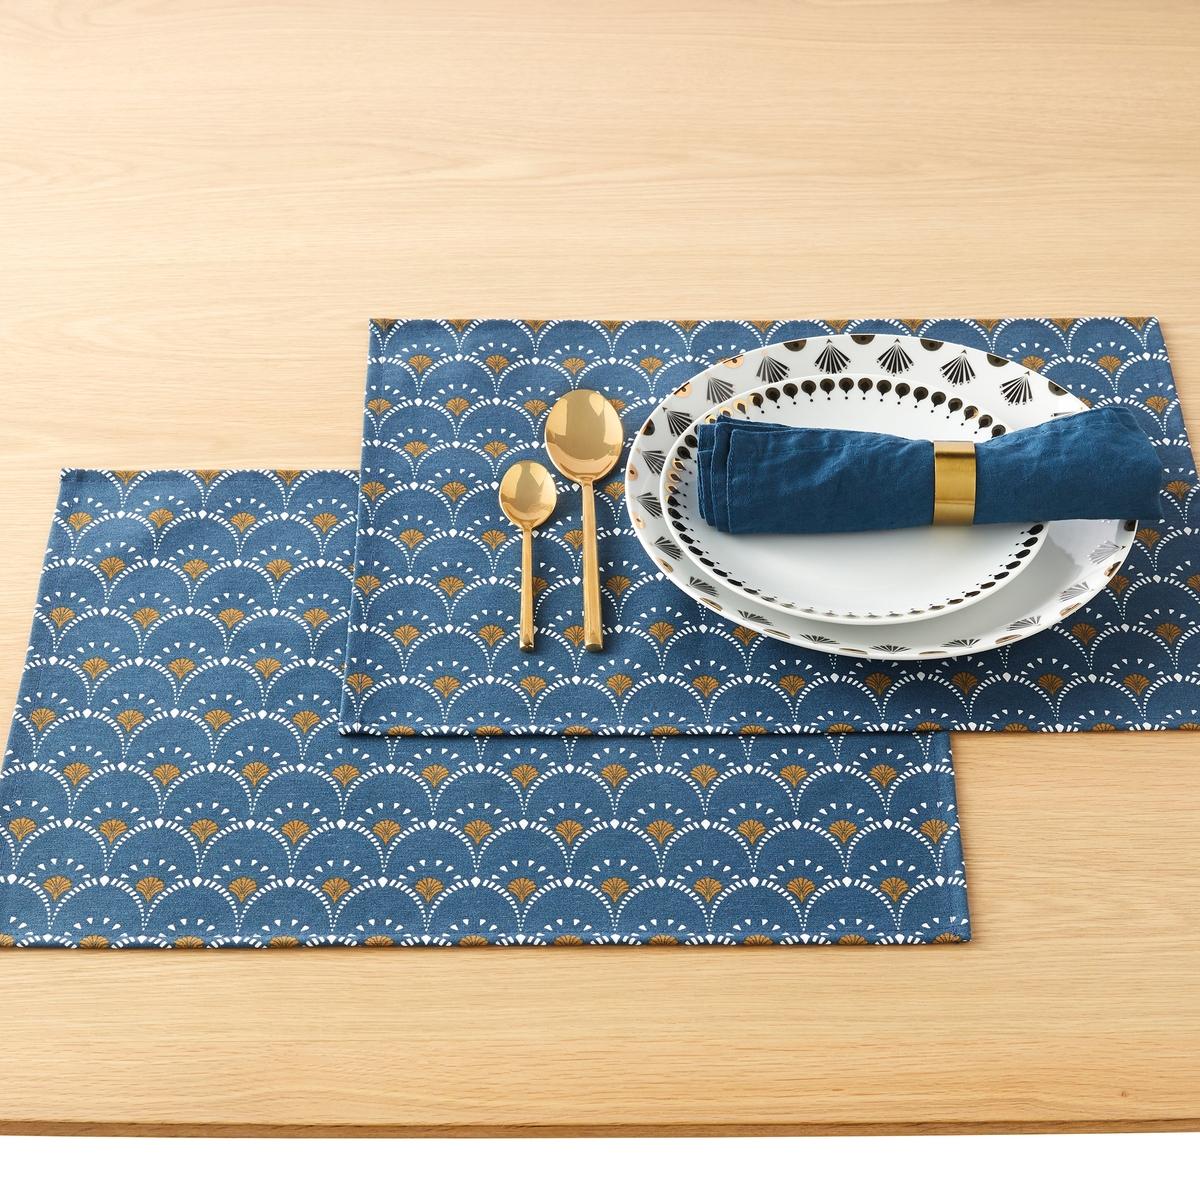 Комплект из подставок под La Redoute Приборы MINA единый размер синий купальник benefits mina 1508 2015